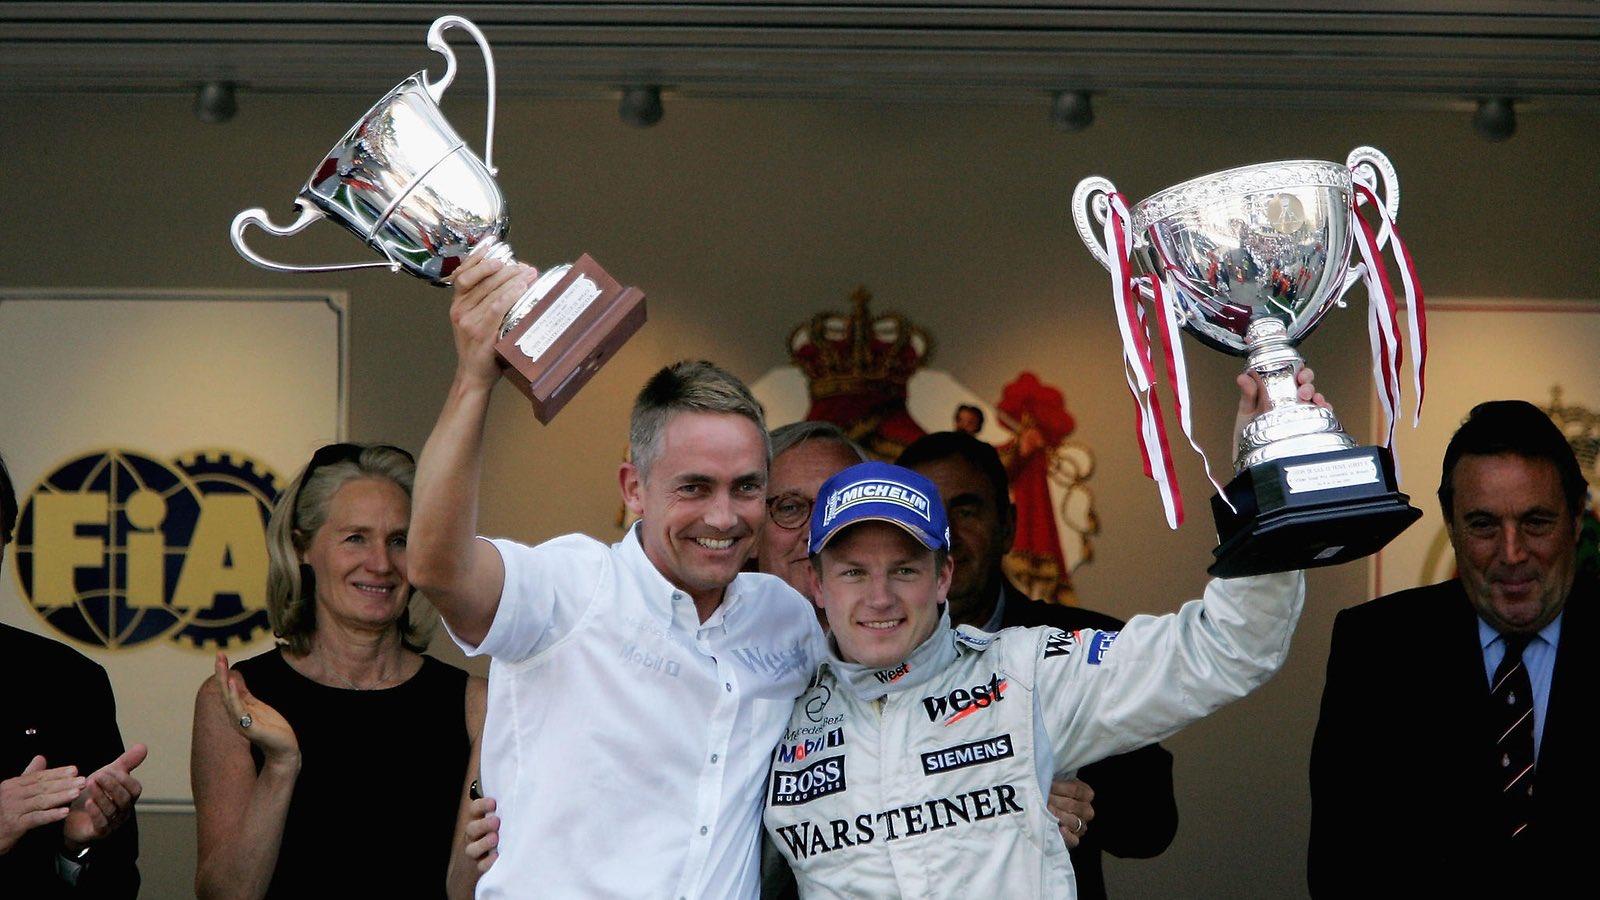 On this day in 2005 - Kimi Räikkönen won the Monaco GP